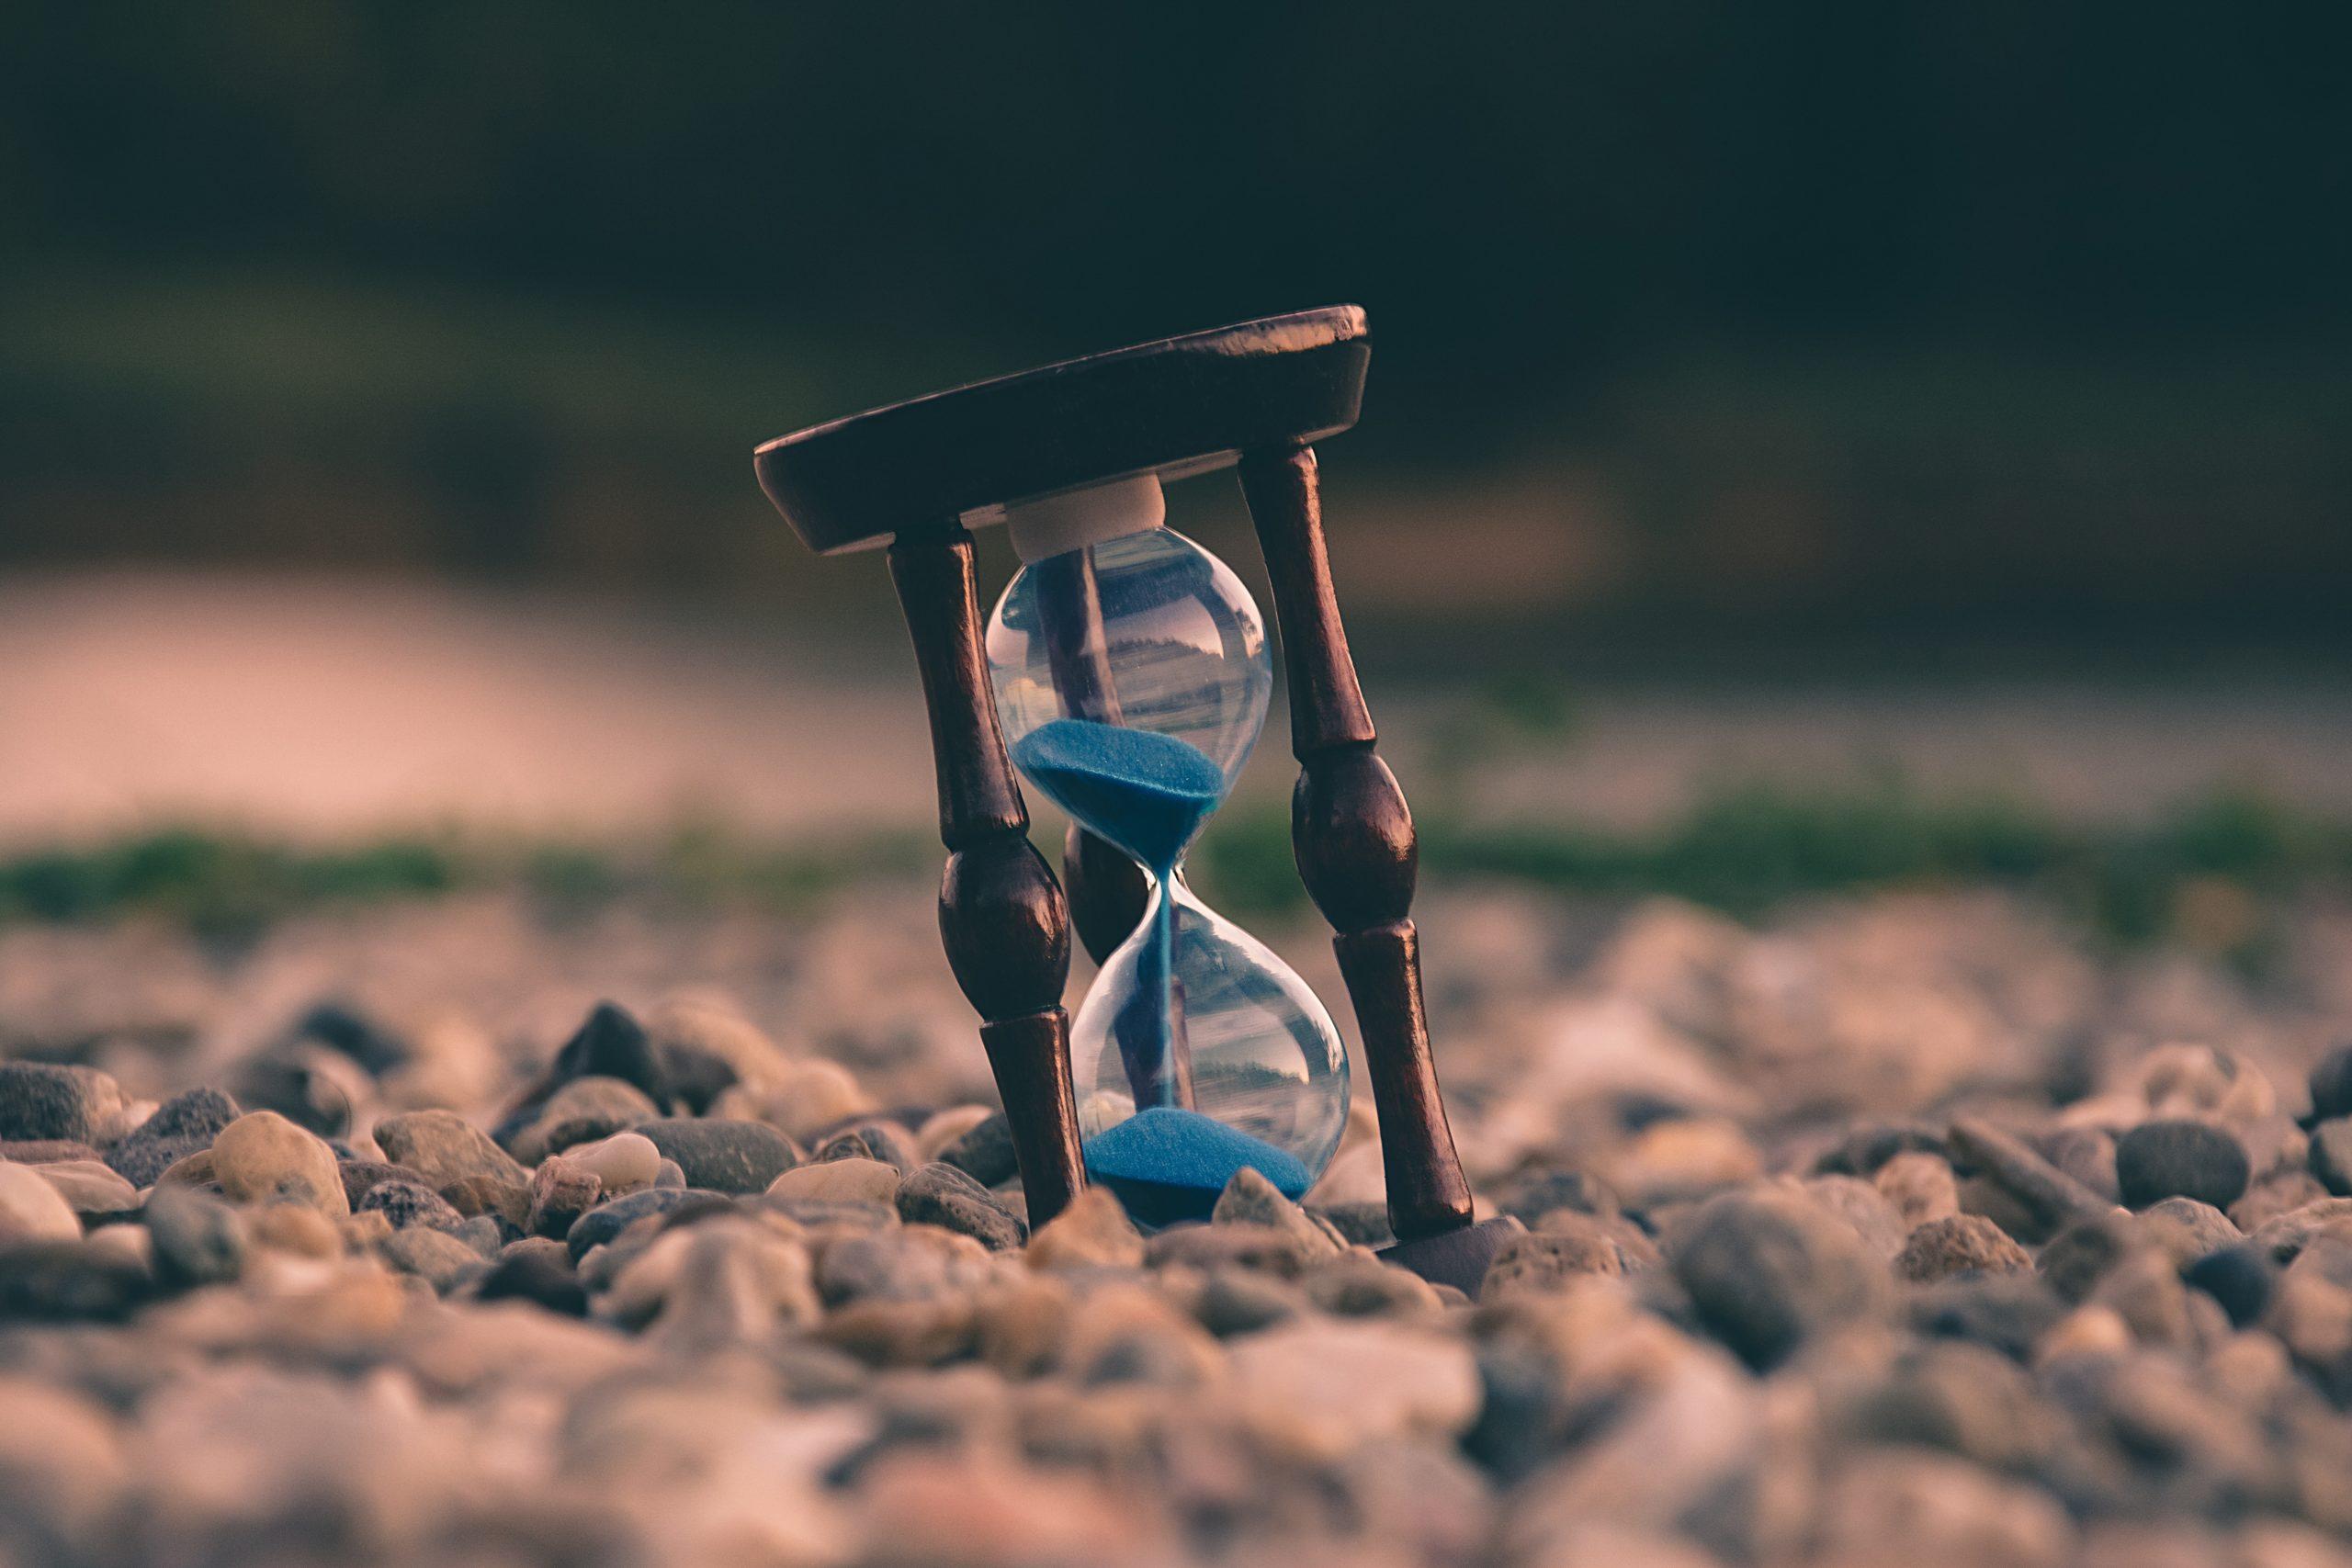 trouver le temps temps mort organisation chronometrer